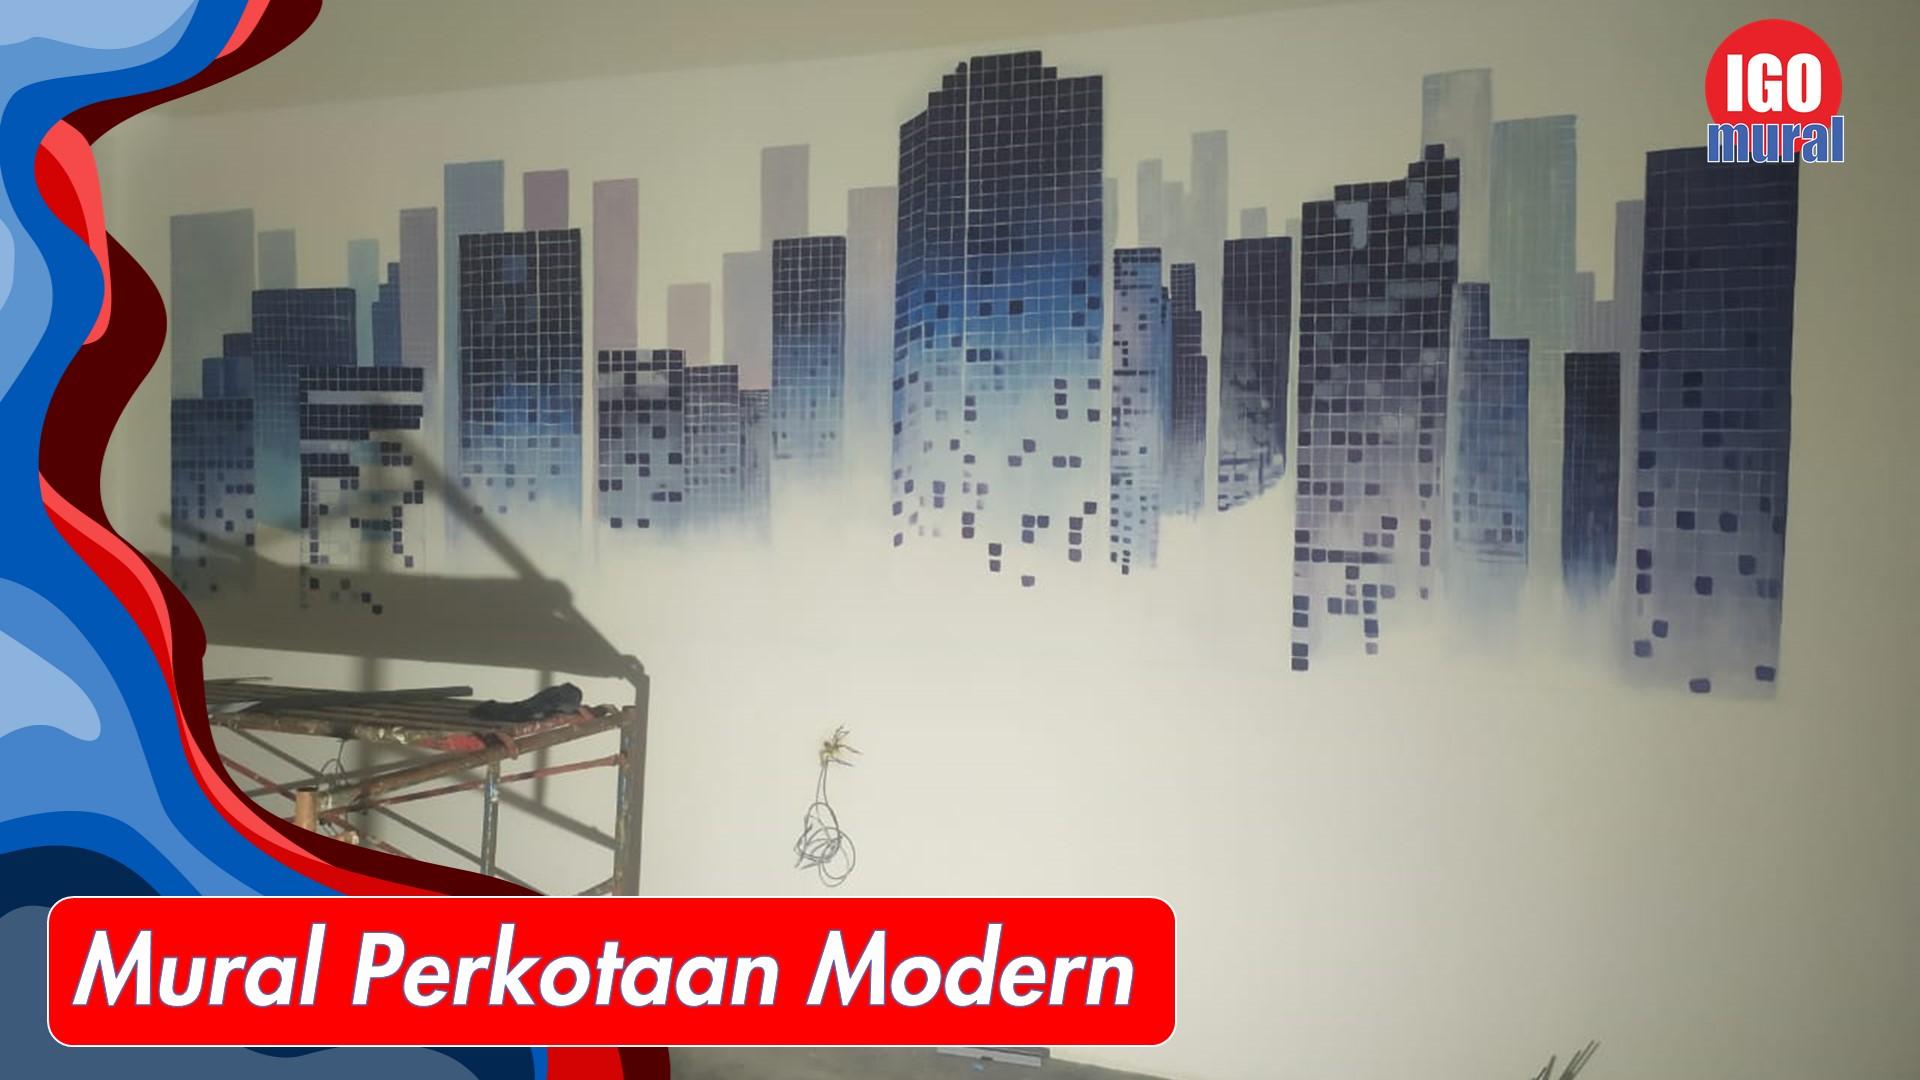 mural perkotaan modern